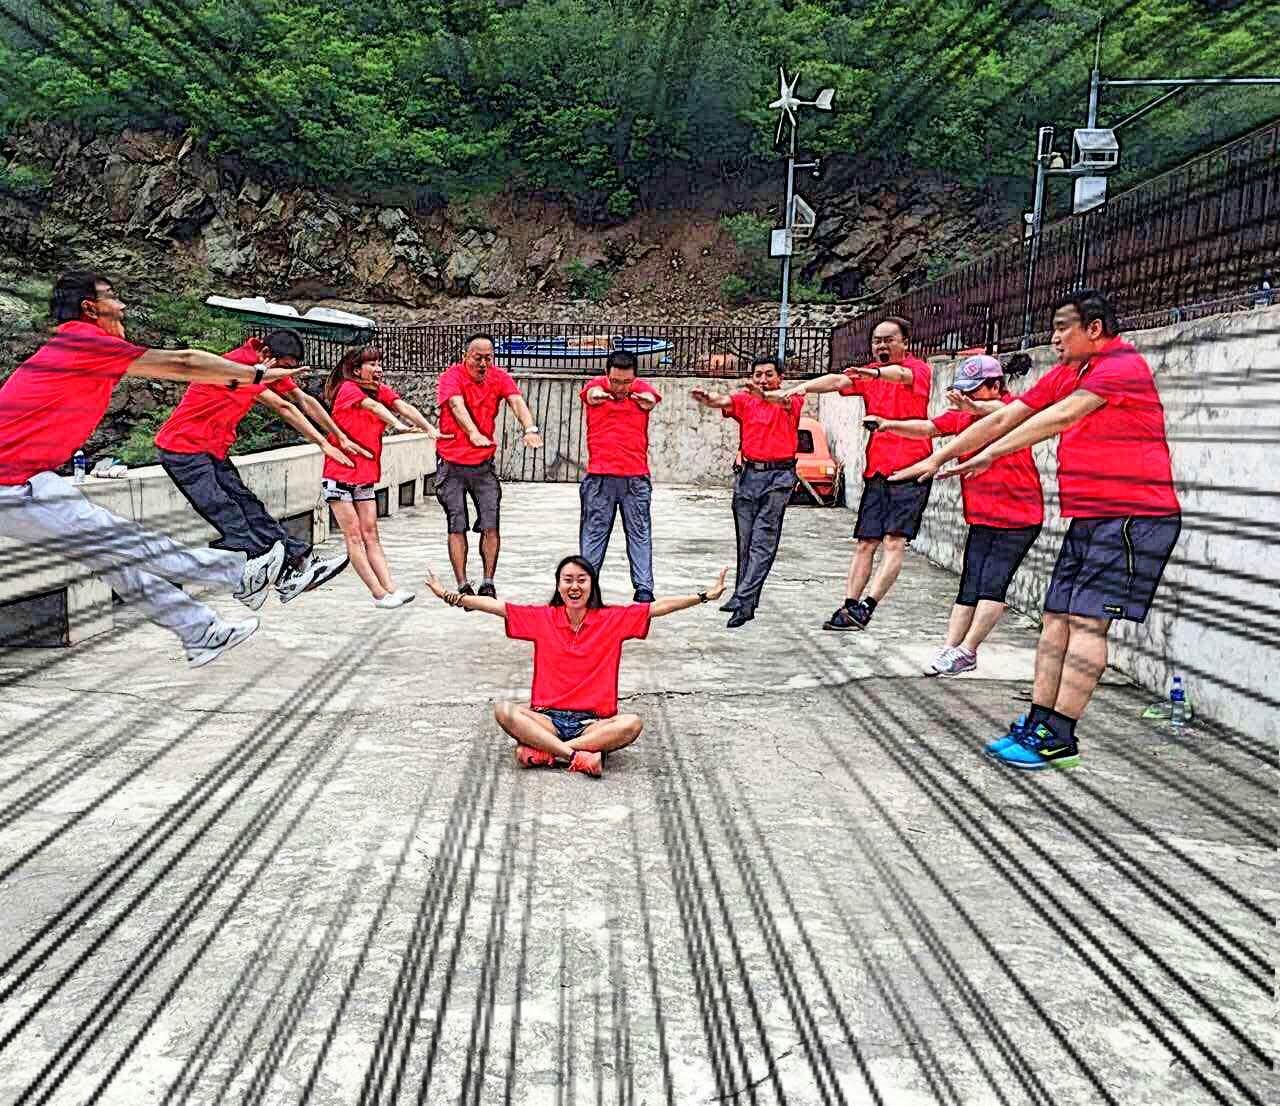 无底线团队创意摆拍, 玩的就是造型.图片